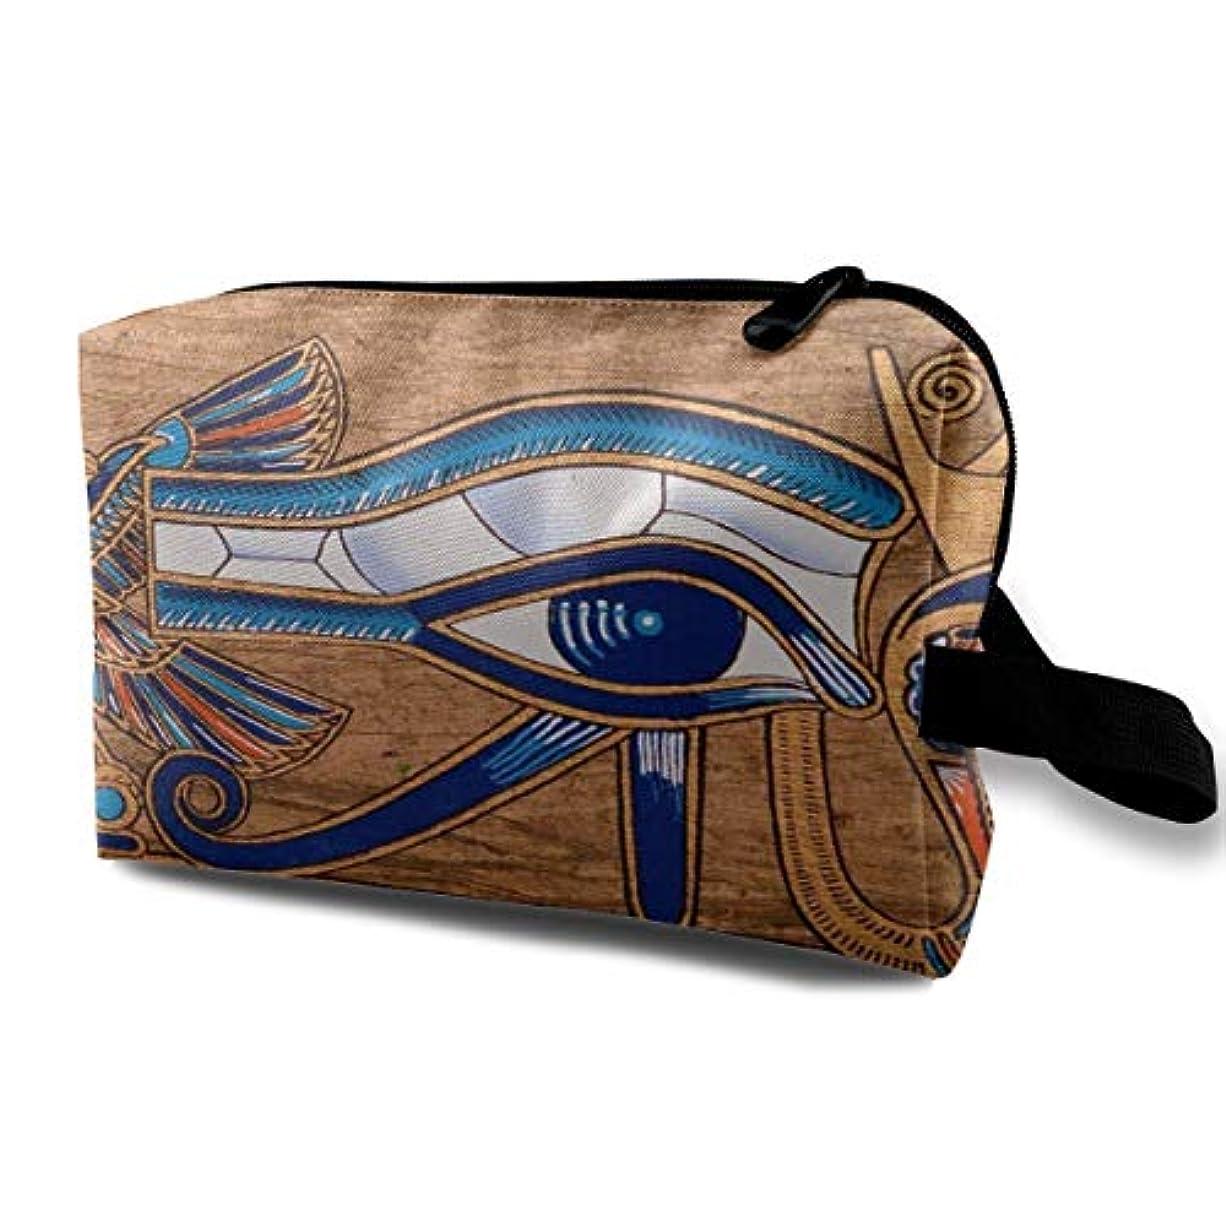 キッチン名義で予感Eye Of Horus 収納ポーチ 化粧ポーチ 大容量 軽量 耐久性 ハンドル付持ち運び便利。入れ 自宅・出張・旅行・アウトドア撮影などに対応。メンズ レディース トラベルグッズ